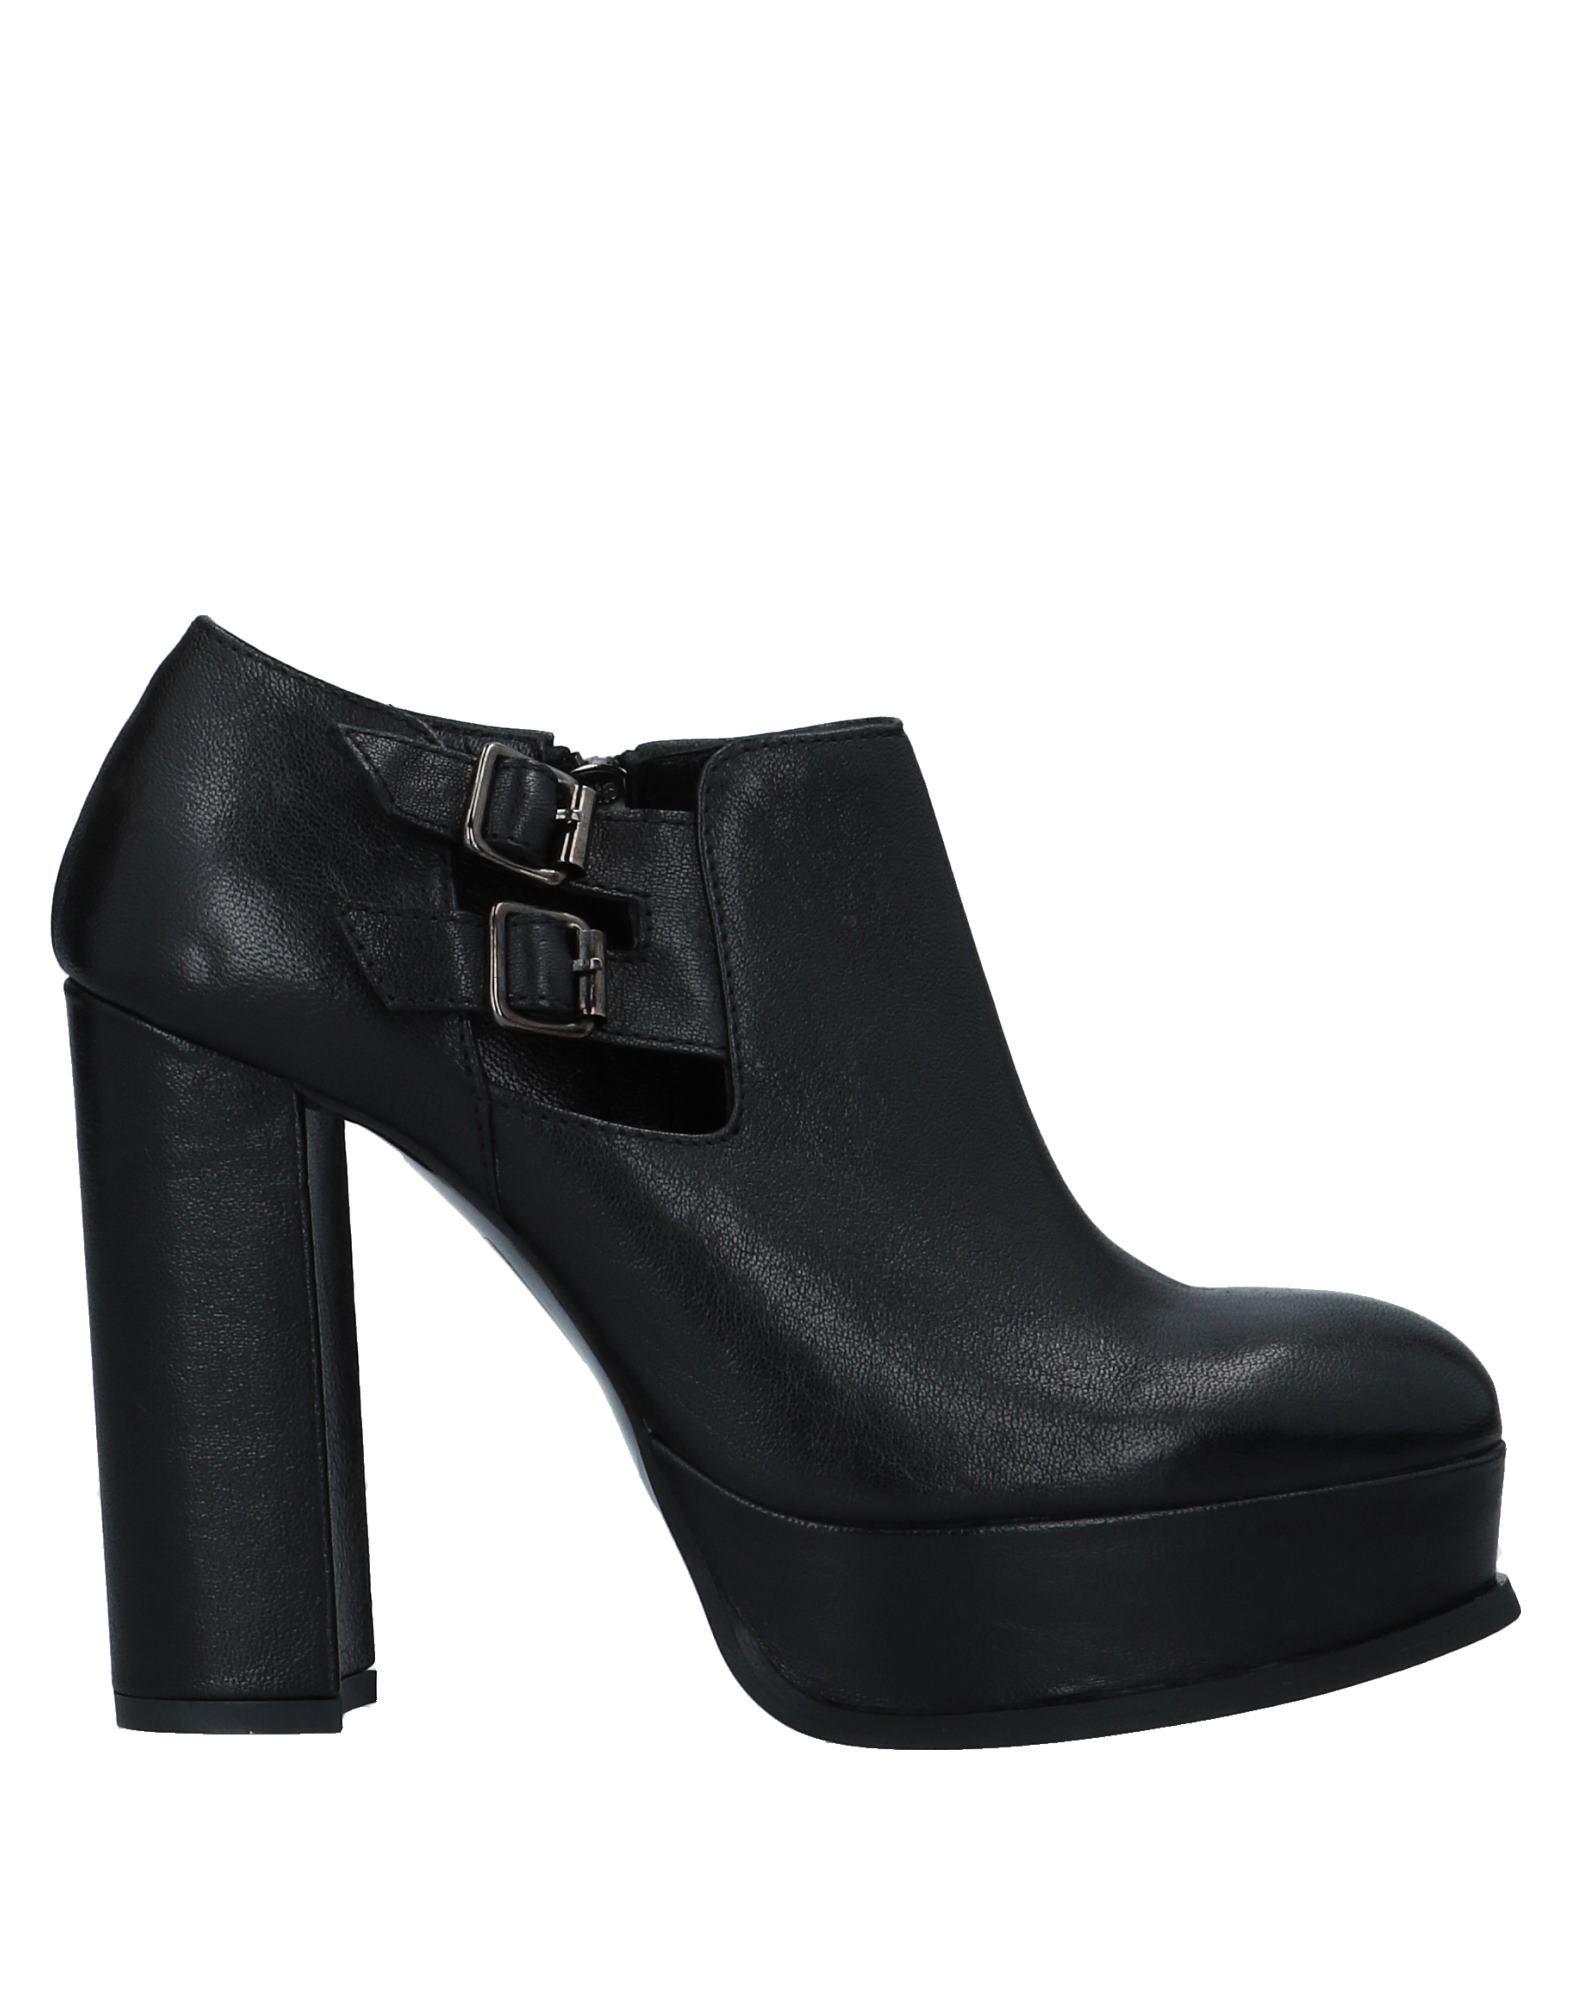 Salvador Ribes Stiefelette Damen  11534498TQ Gute beliebte Qualität beliebte Gute Schuhe 13a764